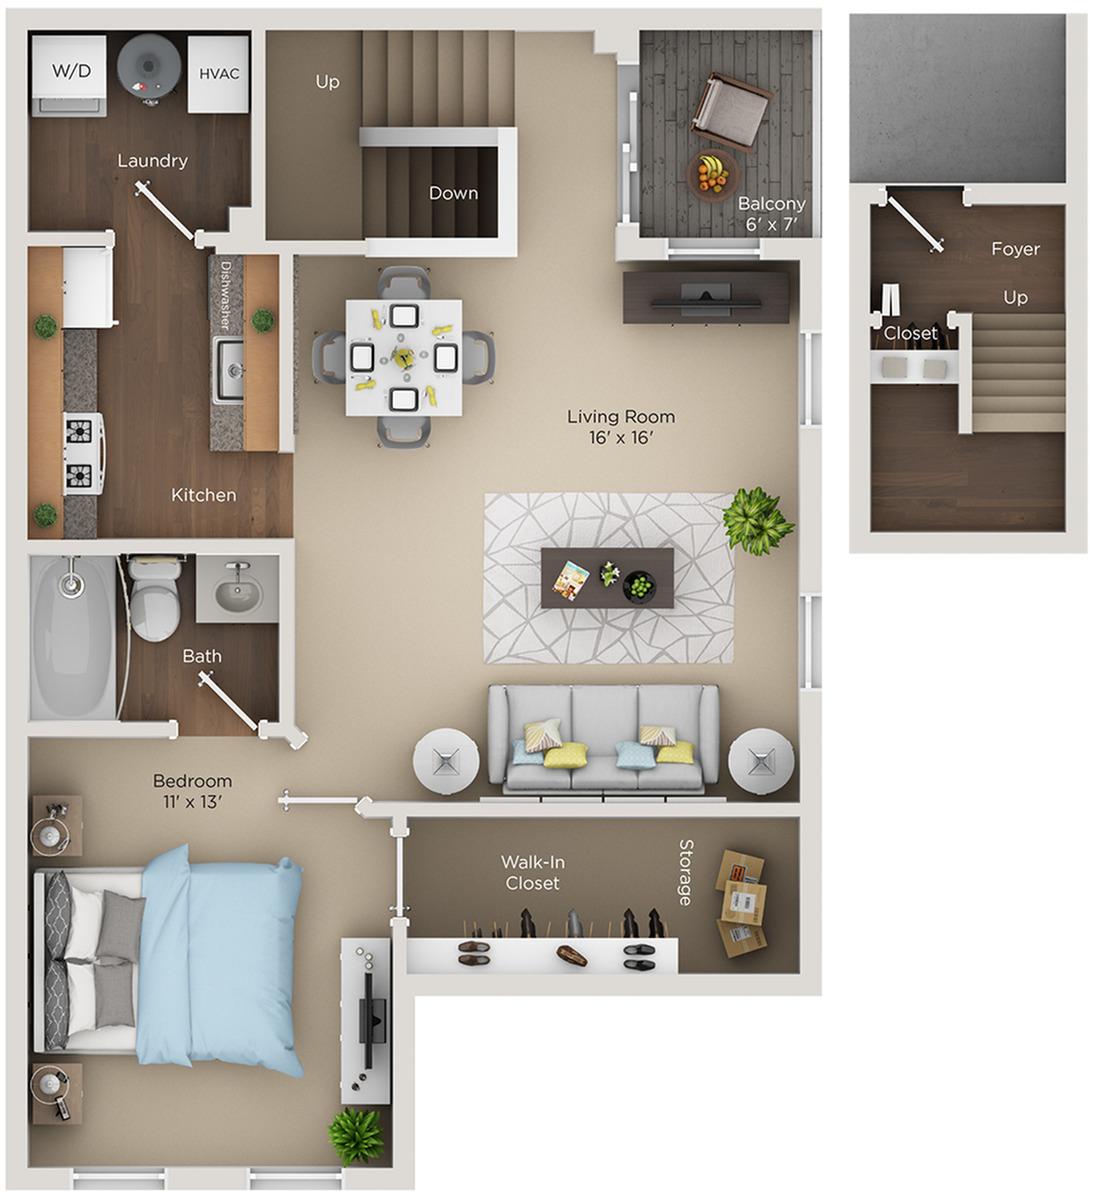 one bed one bath A1 floorplan